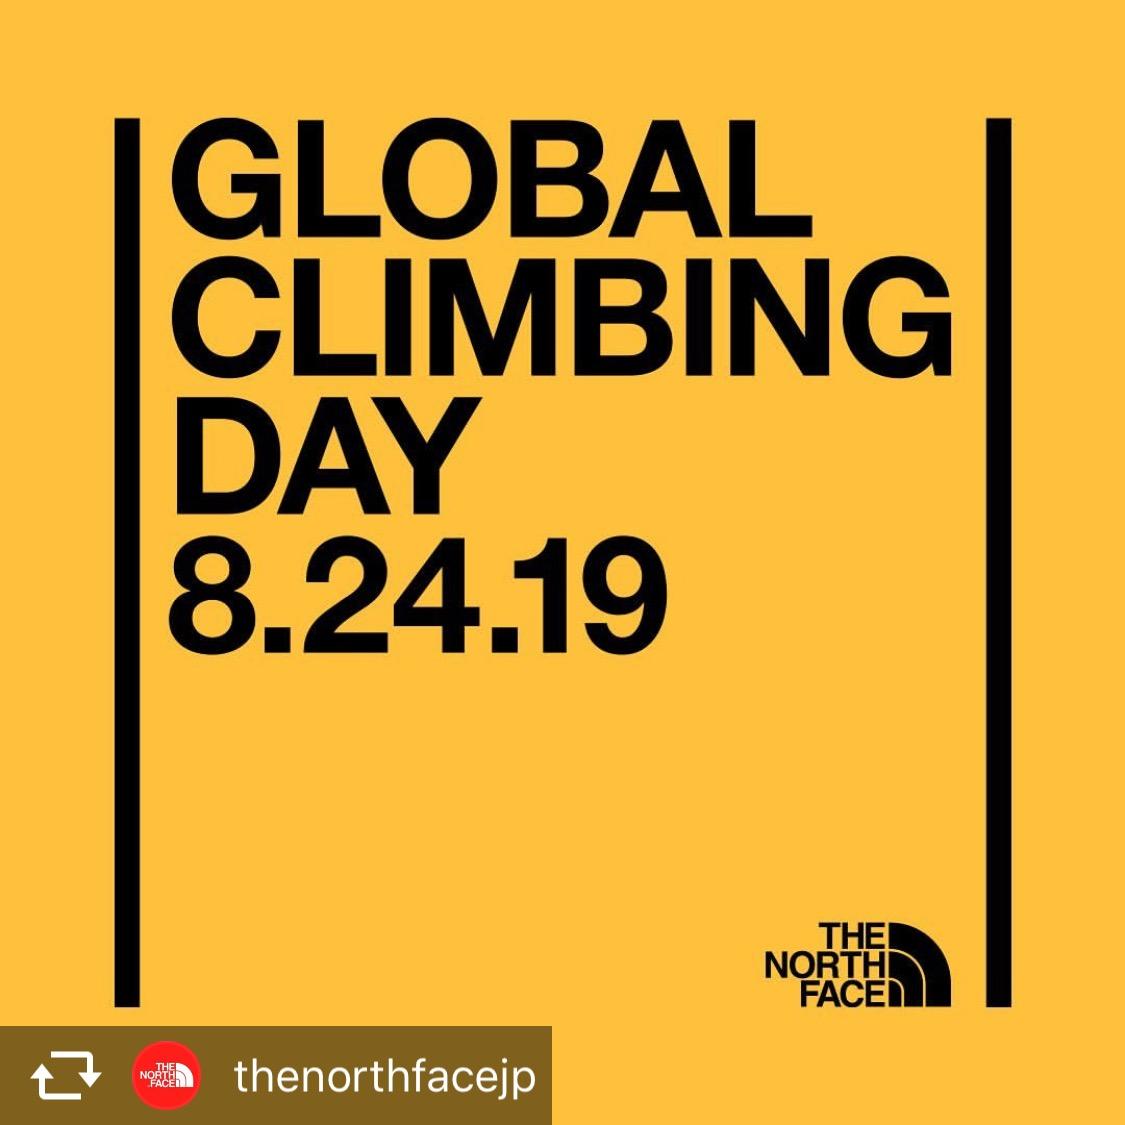 明日はGLOBAL CLIMBING DAY!!